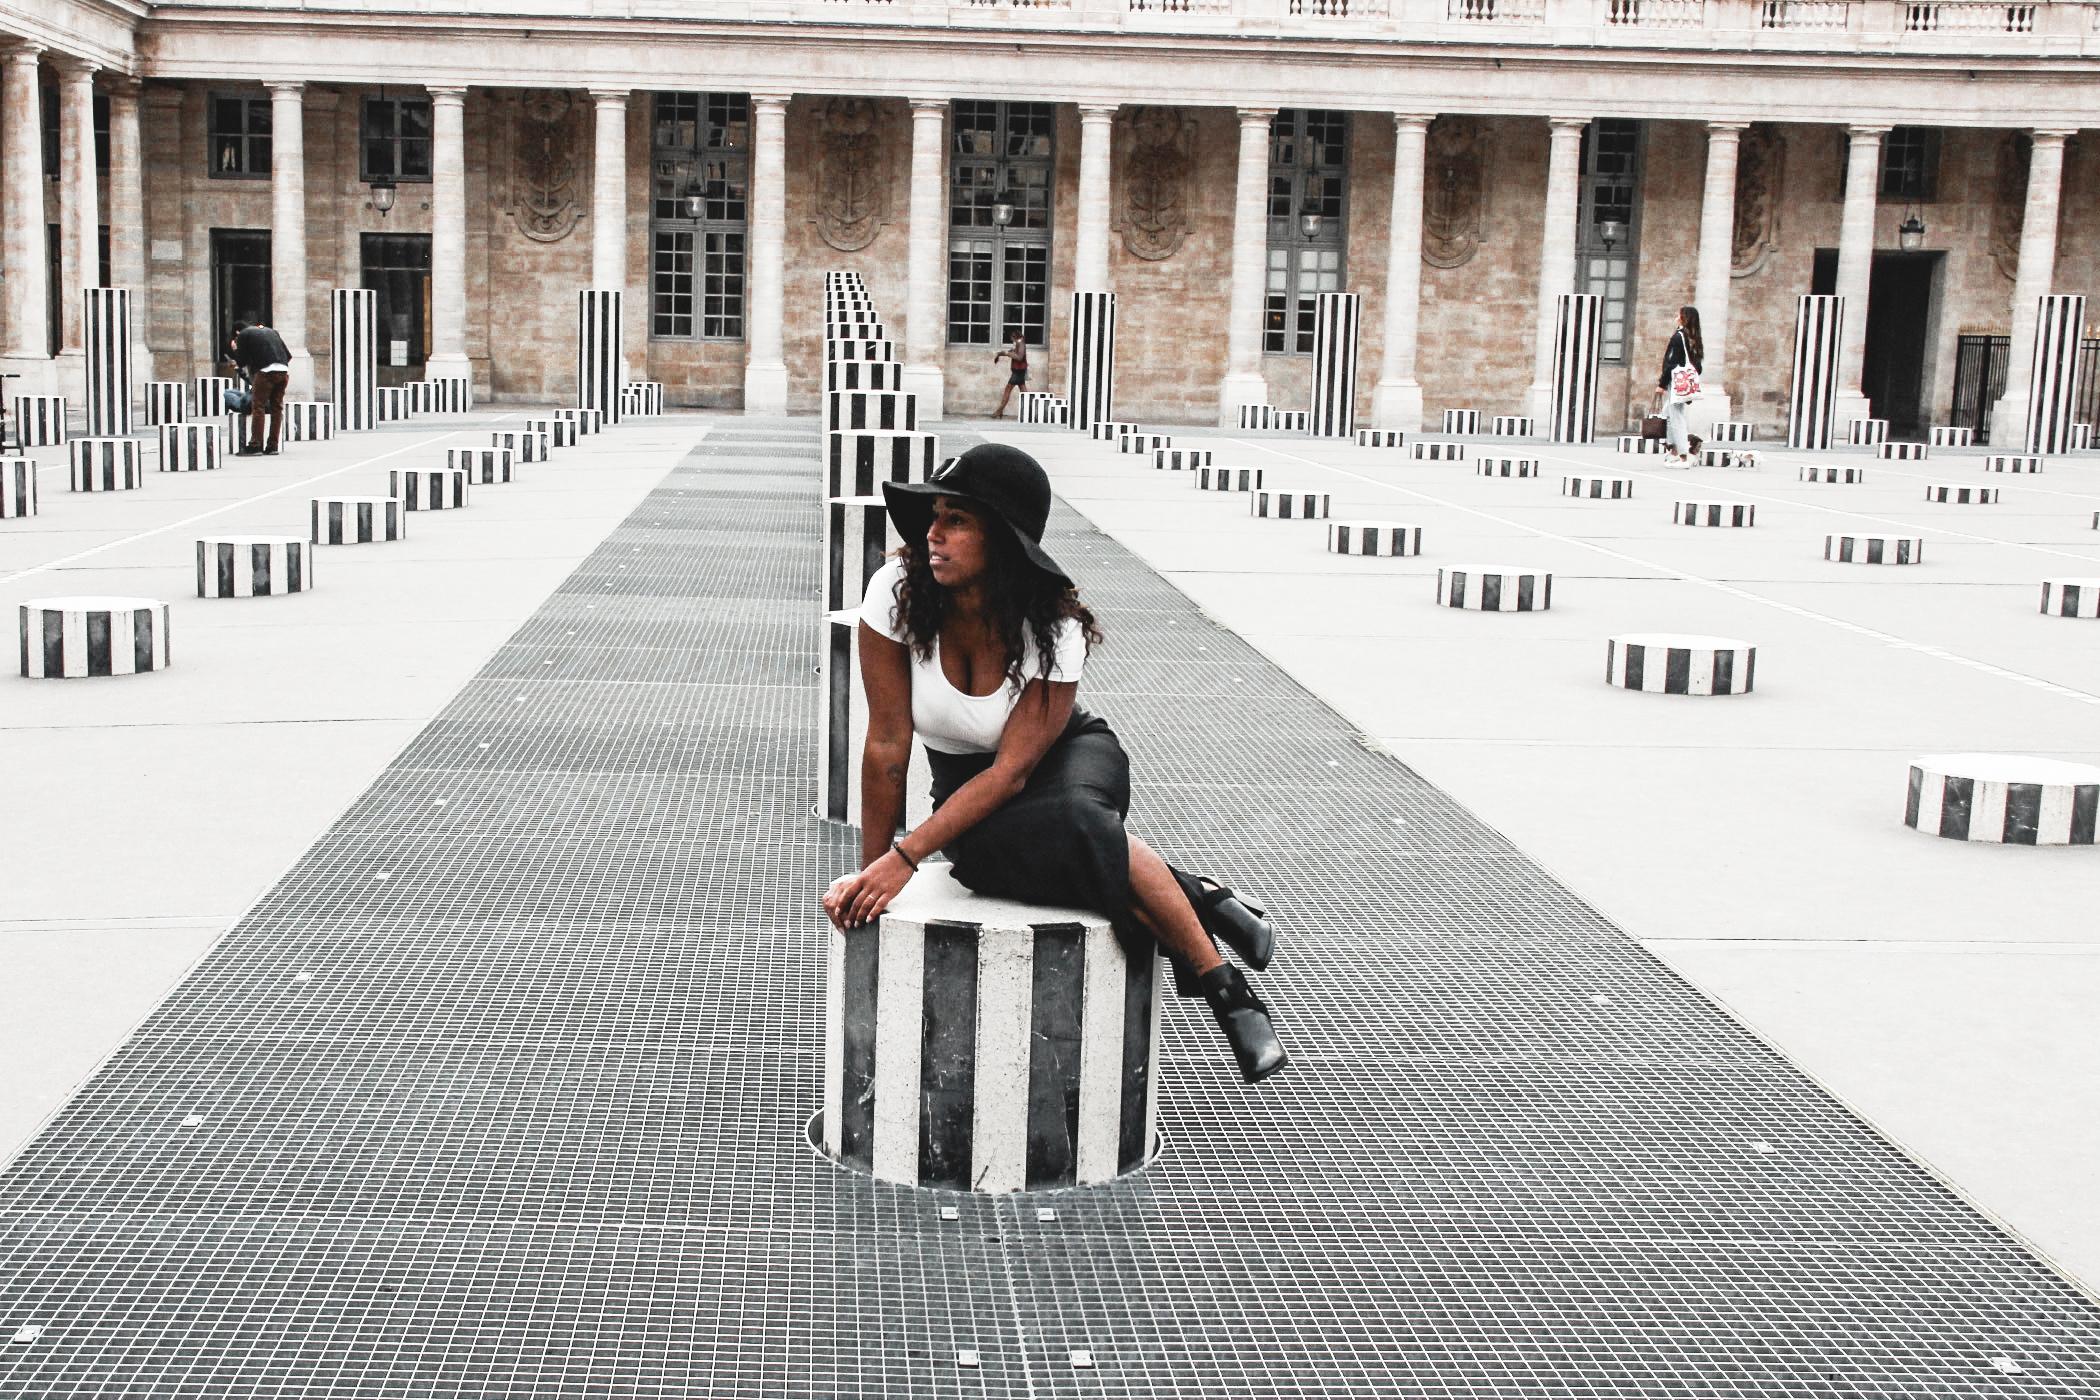 Colonnes de Buren Paris, Le parfait itinéraire si vous aimez vous baladez dans l'art Parisien